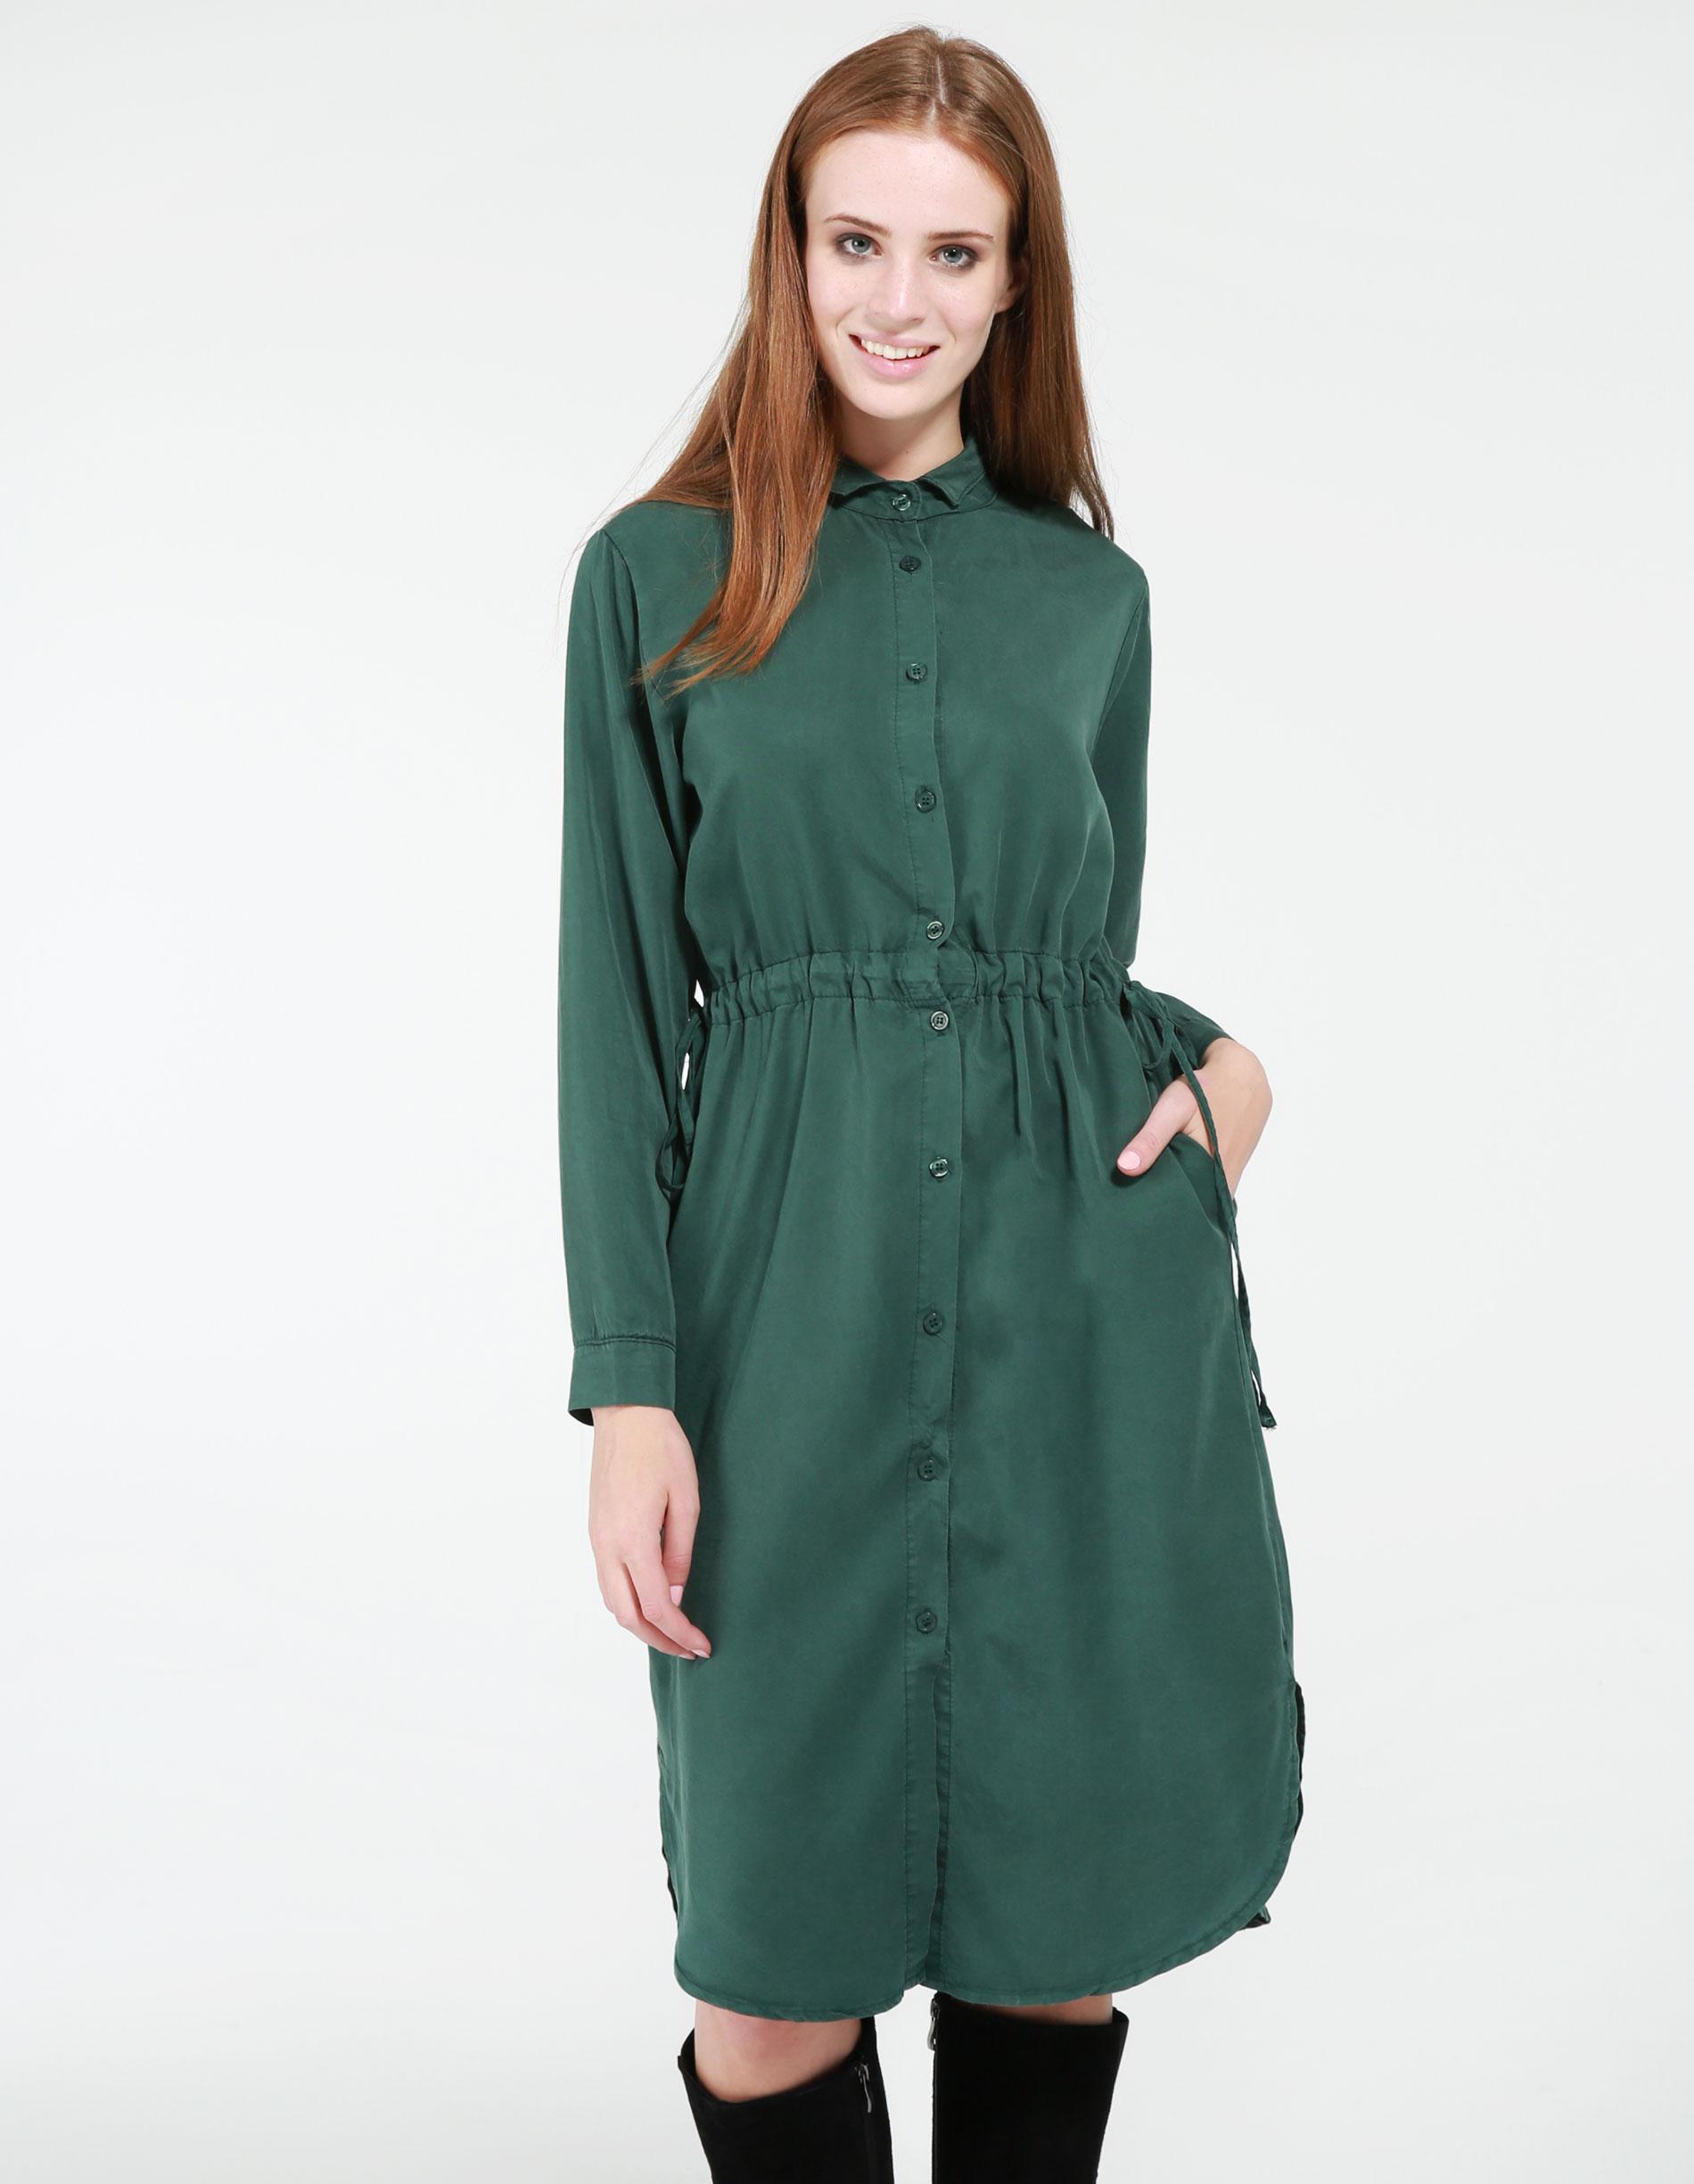 Sukienka - 140-5170 VEBO - Unisono